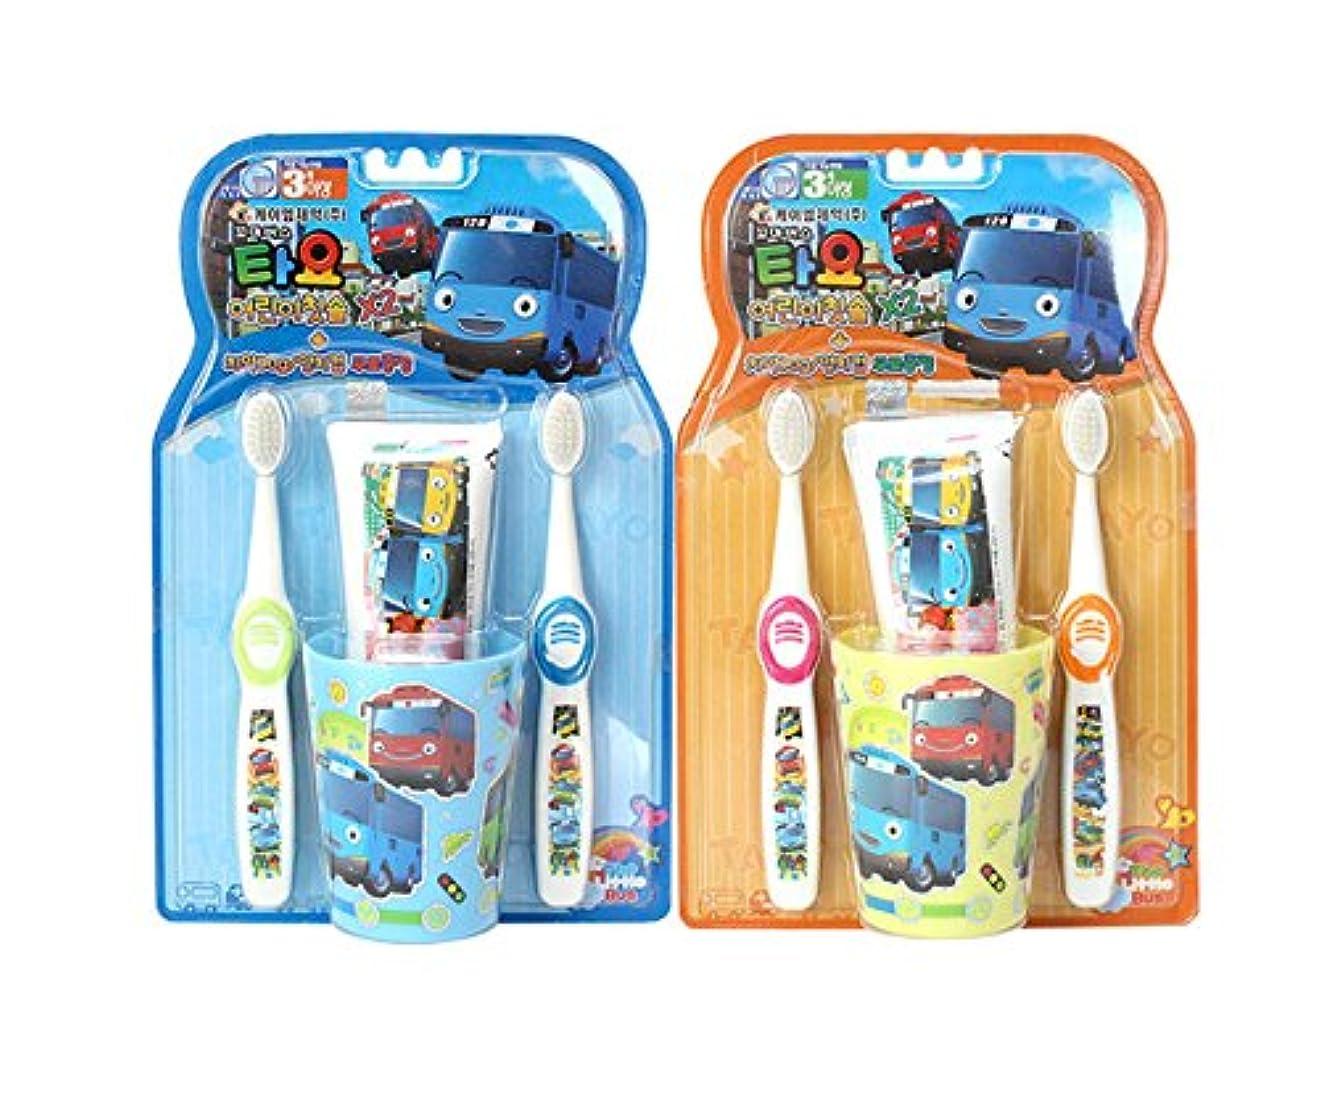 取得する寛容なインキュバス[SET] Tayo The Little Bus ちびっこバス タヨ 子ども用ハブラシ 乳歯?オーラルケア 歯磨き粉 歯ブラシ 歯カップ セット 歯磨きセット子供の歯ブラシ (2 SET) [並行輸入品]